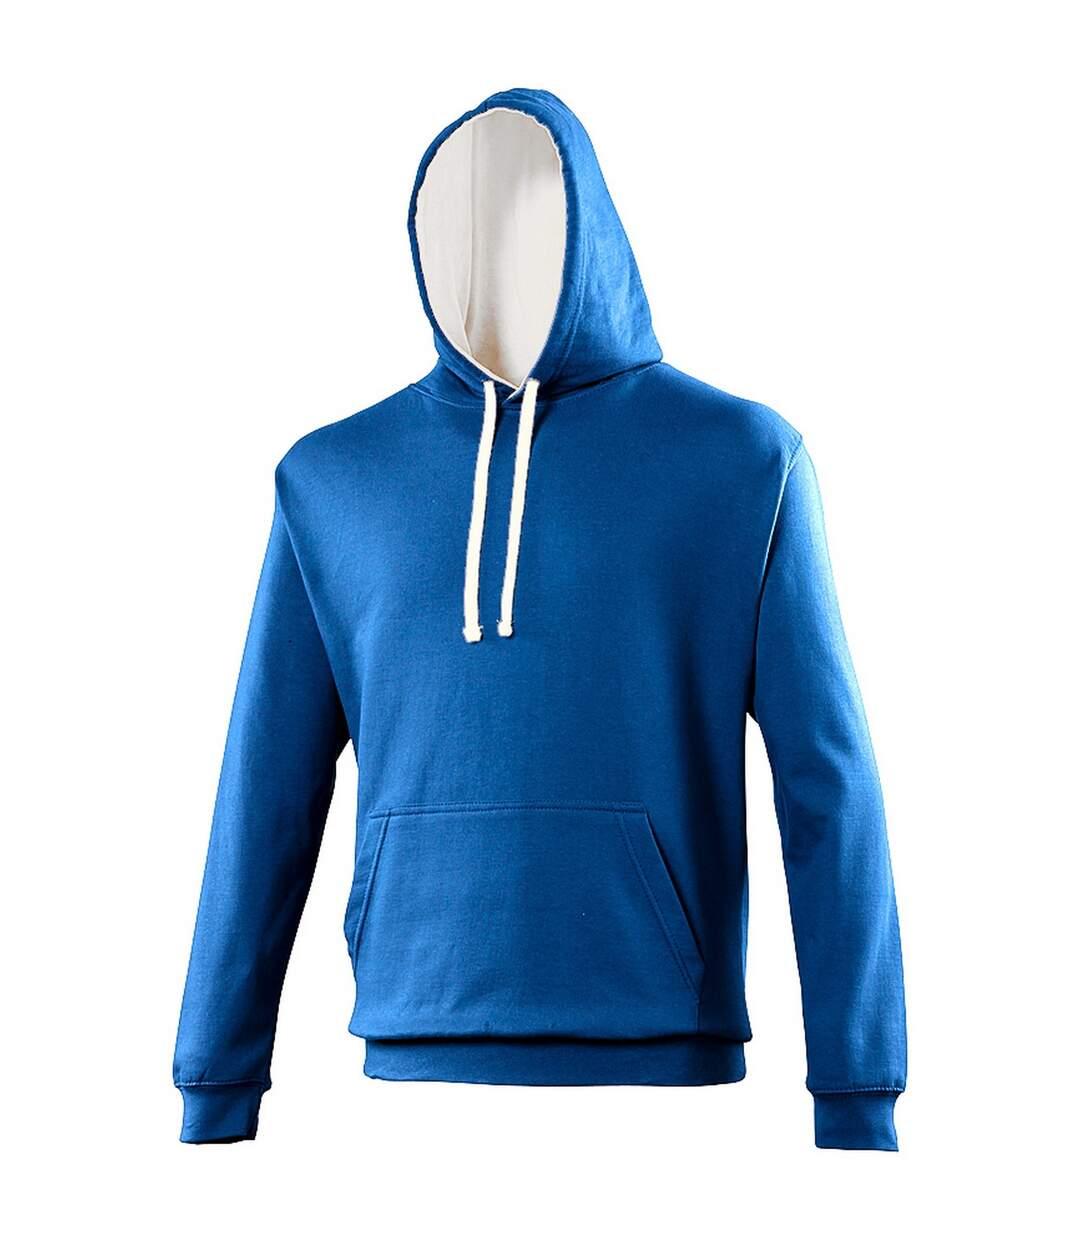 Awdis Varsity Hooded Sweatshirt / Hoodie (Jet Black / Fire Red) - UTRW165